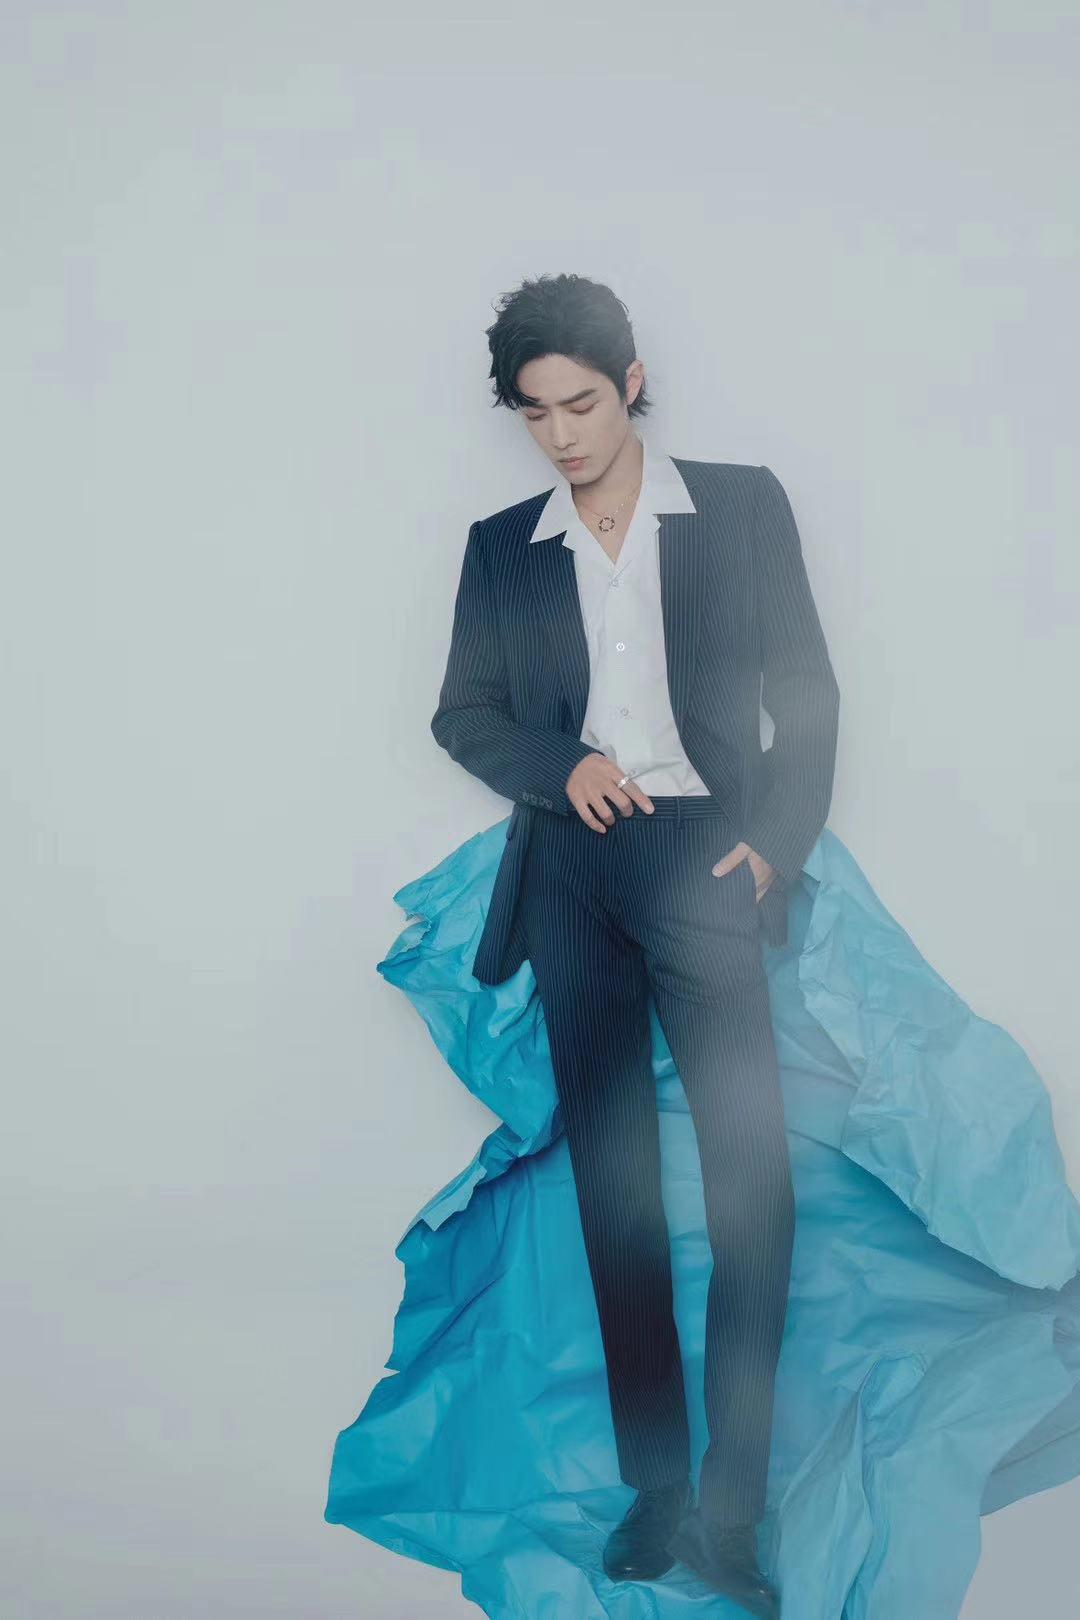 肖战身着蓝色西装,酷劲十足!